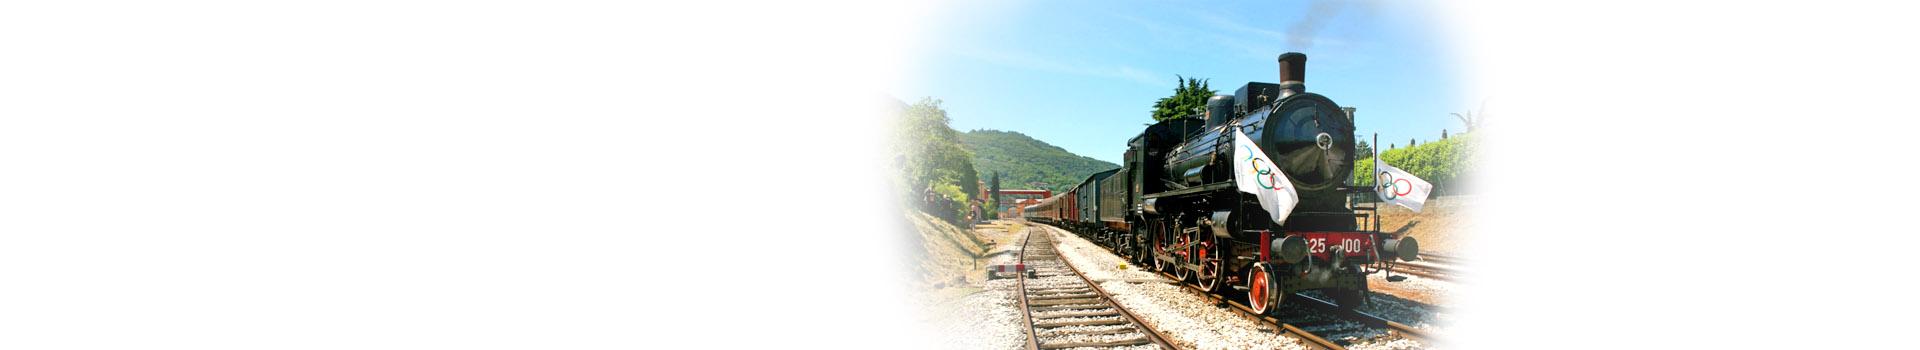 Calendario Treni Storici 2020.Ferrovie Turistiche Italiane